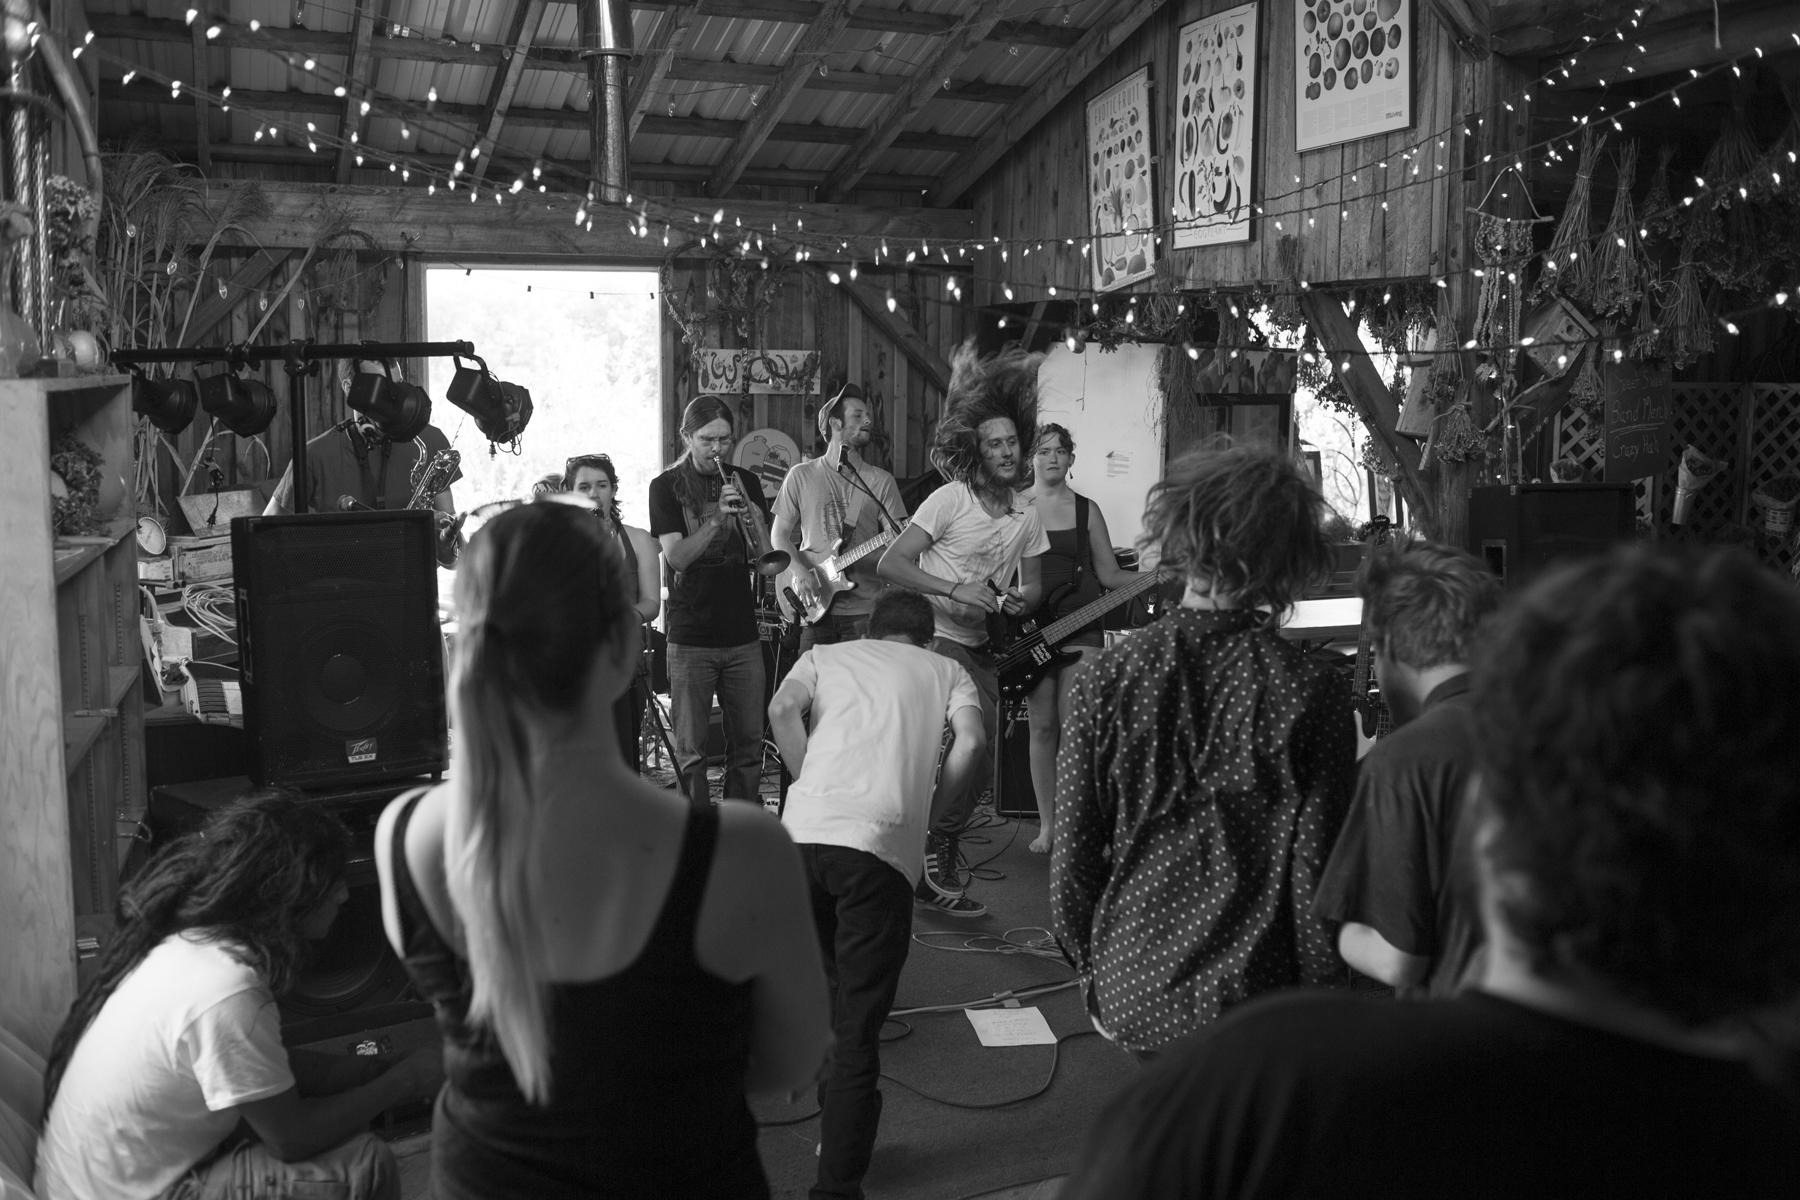 ¡Viva Mayhem! at Littletree Orchard. 2015.